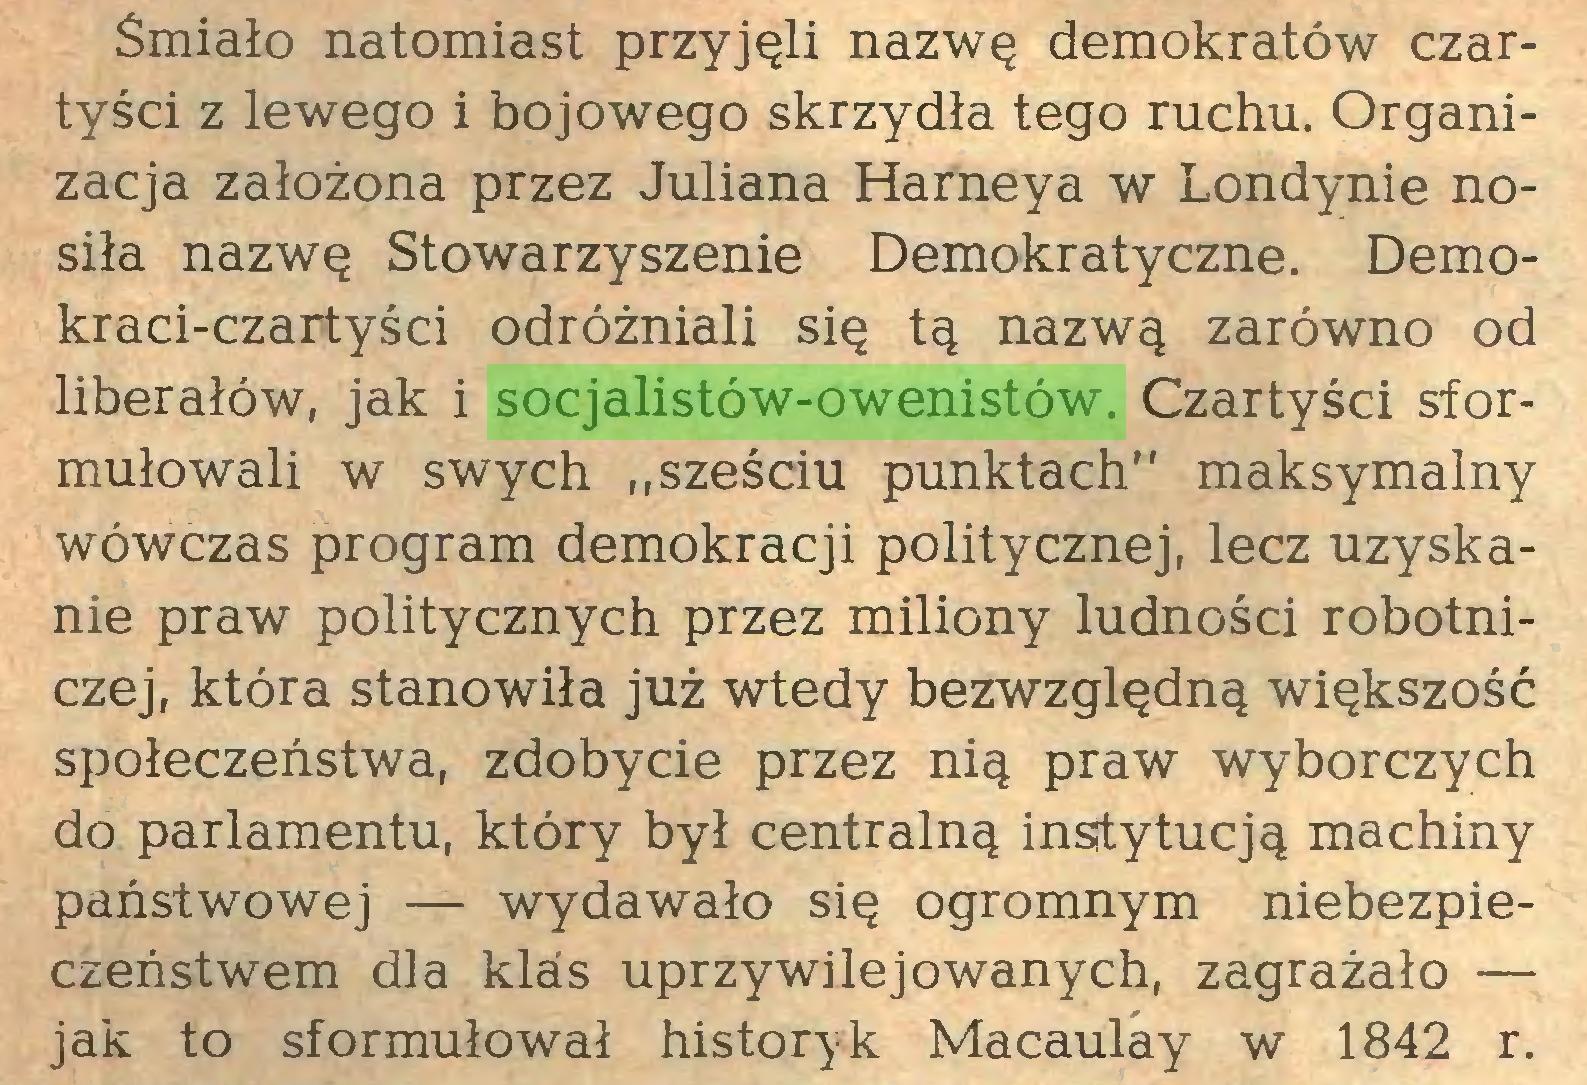 """(...) Śmiało natomiast przyjęli nazwę demokratów czartyści z lewego i bojowego skrzydła tego ruchu. Organizacja założona przez Juliana Harneya w Londynie nosiła nazwę Stowarzyszenie Demokratyczne. Demokraci-czartyści odróżniali się tą nazwą zarówno od liberałów, jak i socjalistów-owenistów. Czartyści sformułowali w swych """"sześciu punktach"""" maksymalny wówczas program demokracji politycznej, lecz uzyskanie praw politycznych przez miliony ludności robotniczej, która stanowiła już wtedy bezwzględną większość społeczeństwa, zdobycie przez nią praw wyborczych do parlamentu, który był centralną insitytucją machiny państwowej — wydawało się ogromnym niebezpieczeństwem dla klas uprzywilejowanych, zagrażało — jak to sformułował historyk Macaulay w 1842 r..."""